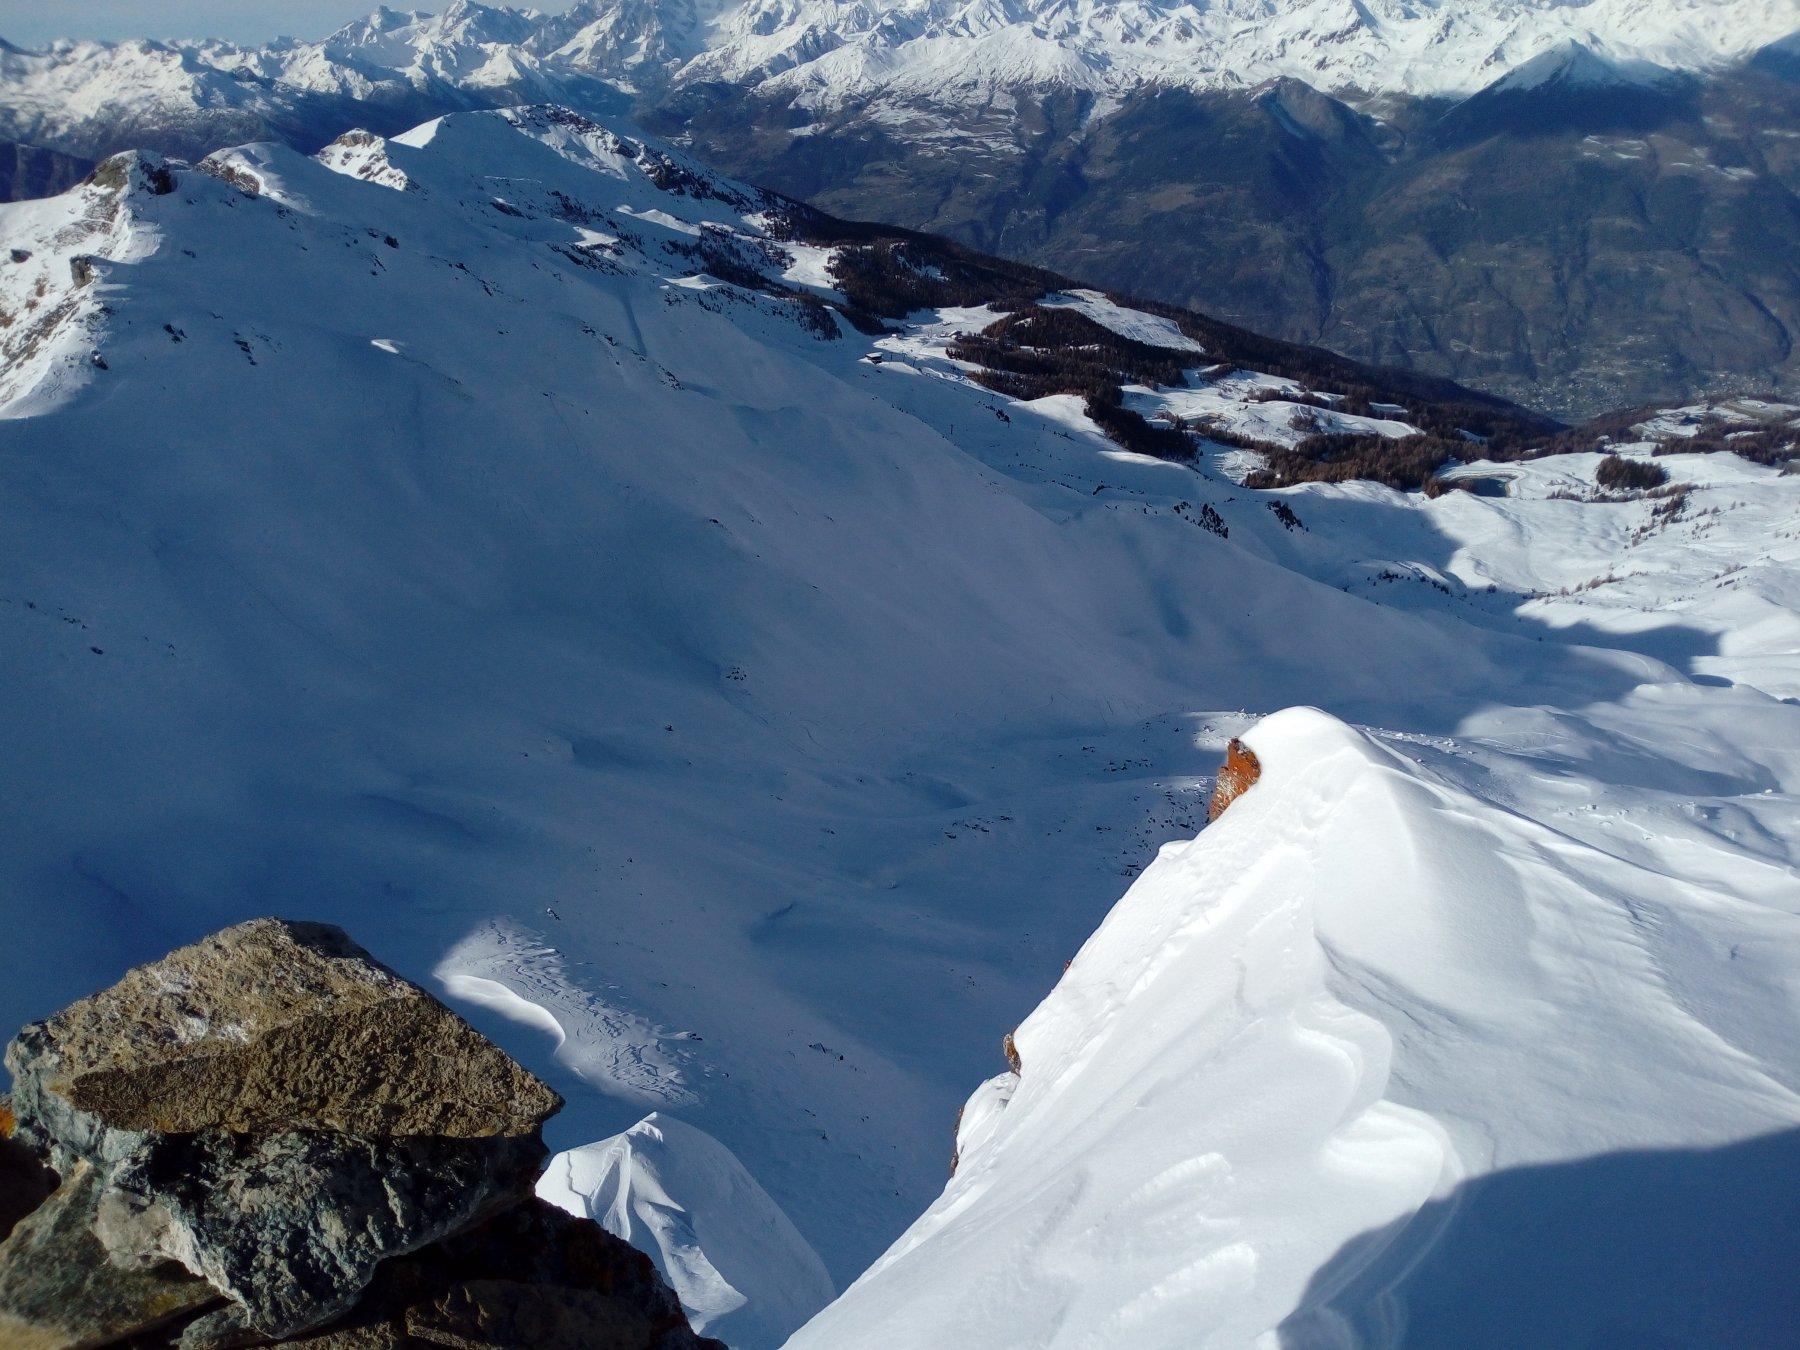 il vallone de l'Eyvie, luogo della sciata finale, dall'ultima e più alta cima del tour (P. Tza Setze)